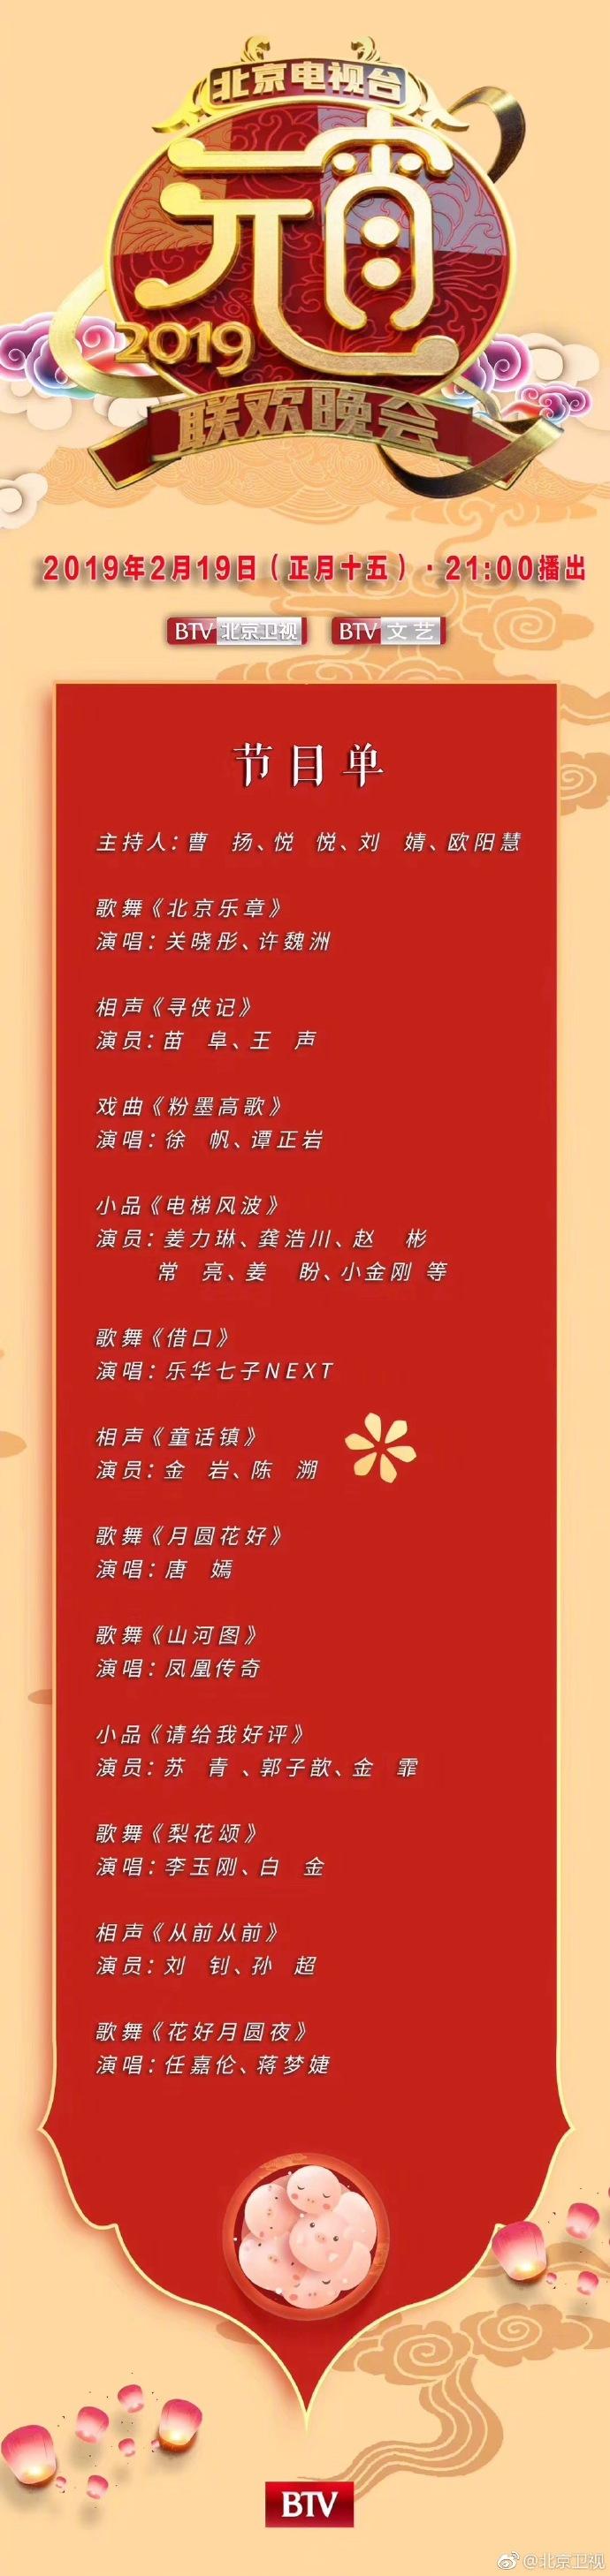 2019北京卫视元宵晚会节目单 | 官宣